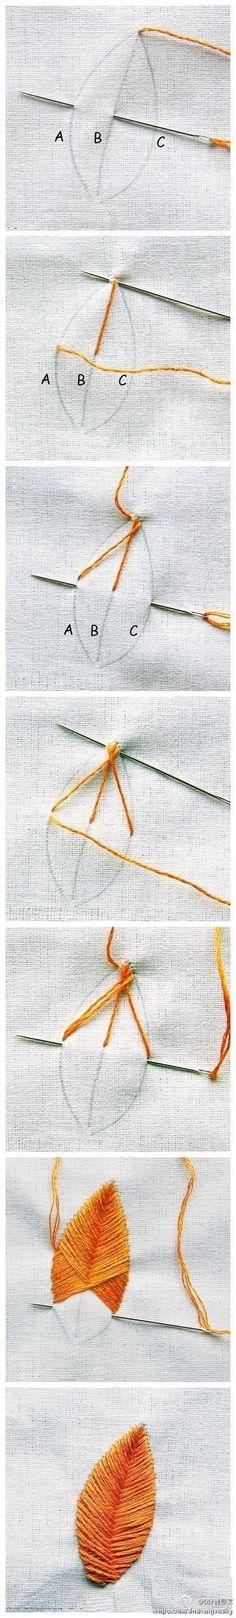 葉子是這樣一點一點繡出來的 ~ -/ Thread Painting Is What I Would Call It...